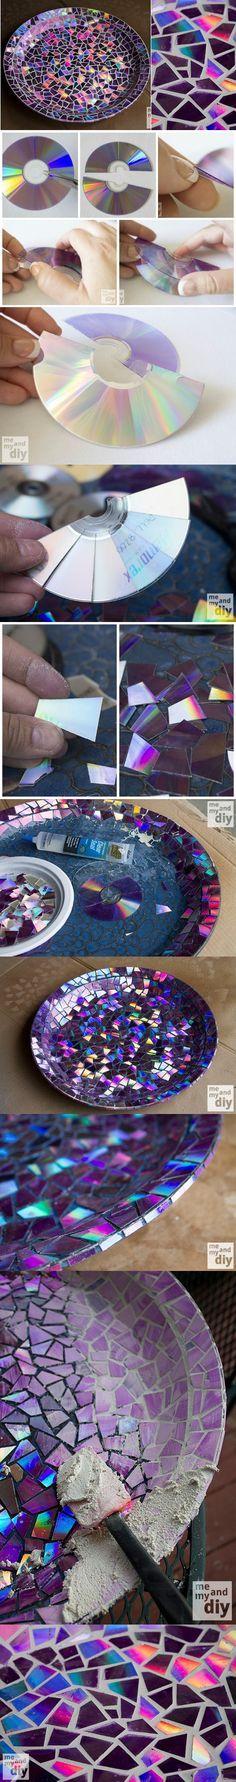 Hermoso mosaico para bandejas hecho con CD's - Muy Ingenioso